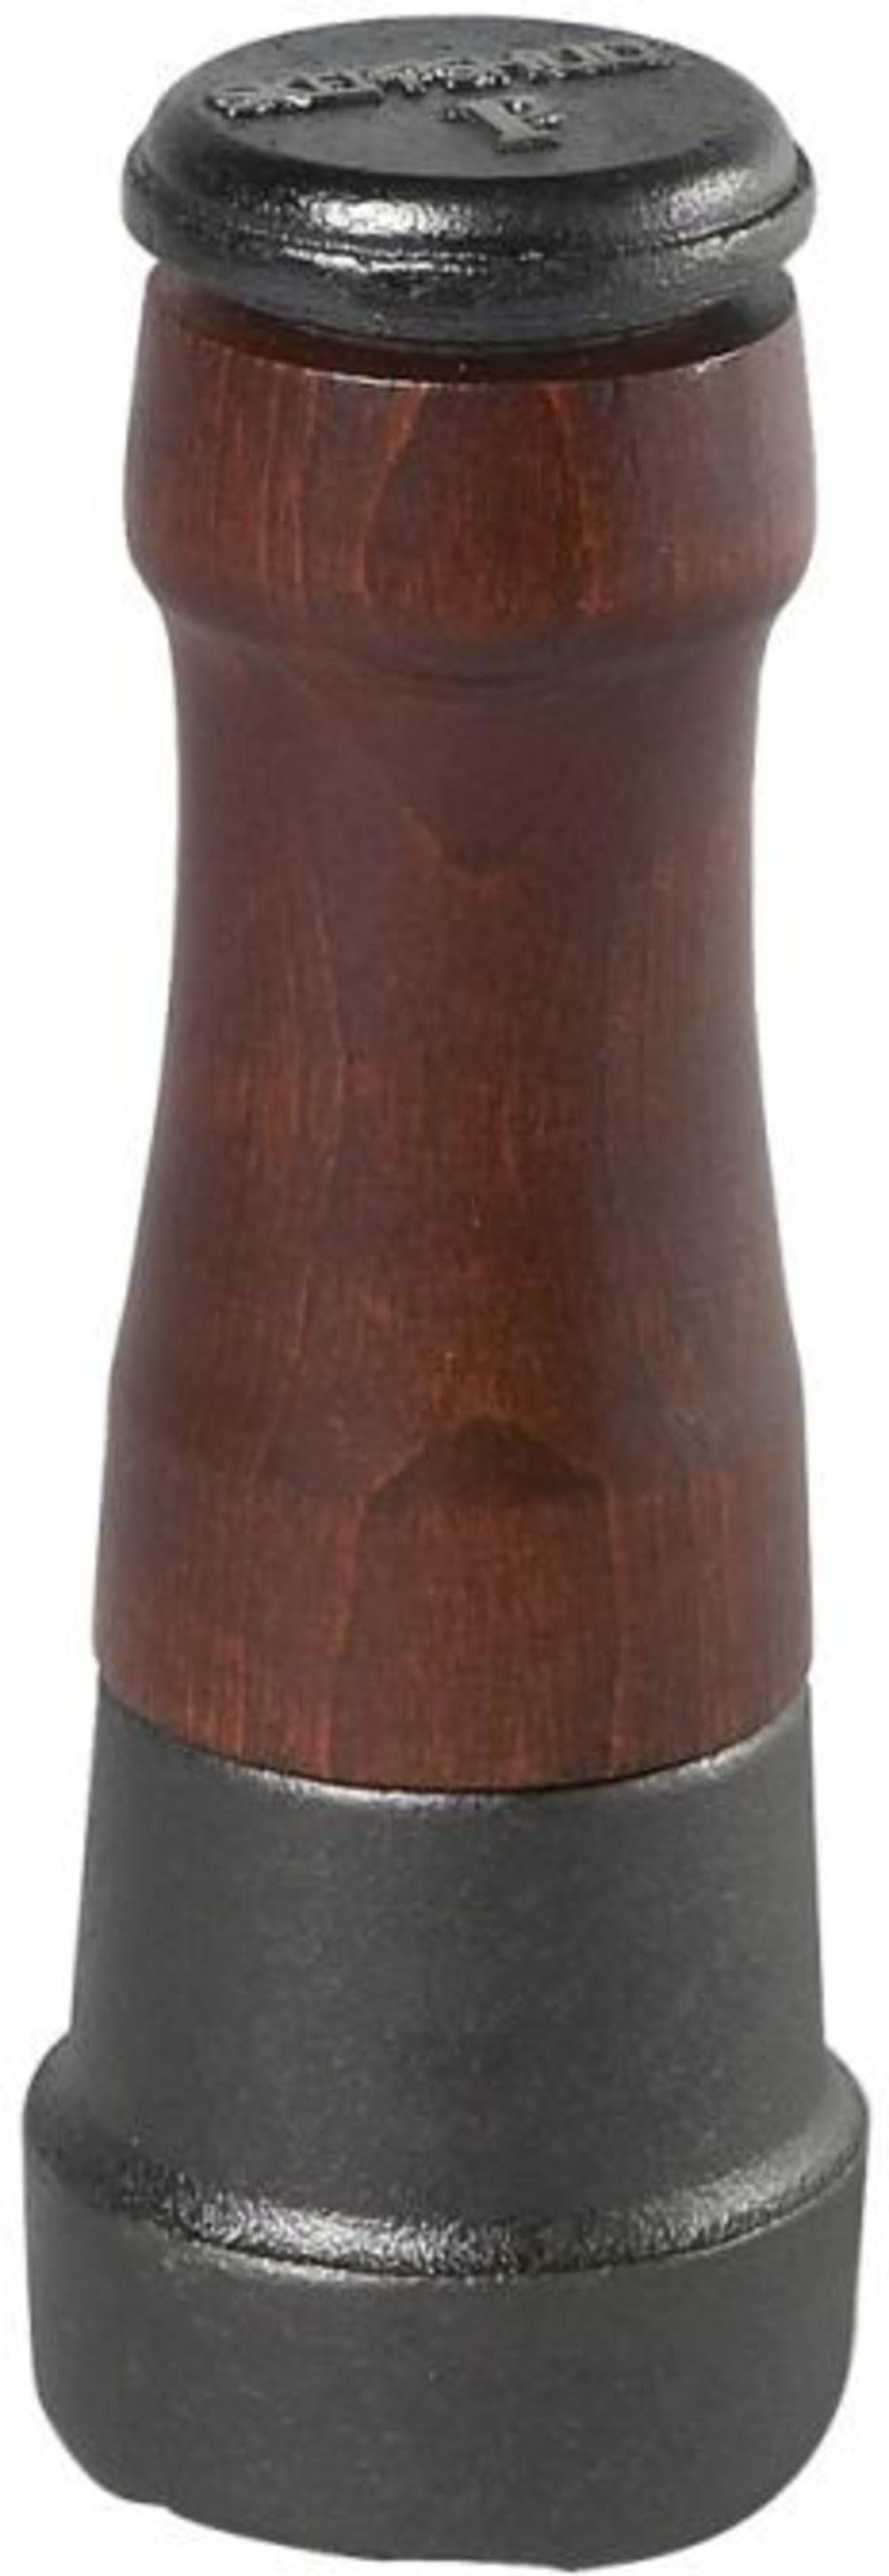 Młynek do pieprzu 18 cm - drewniane wykończenie